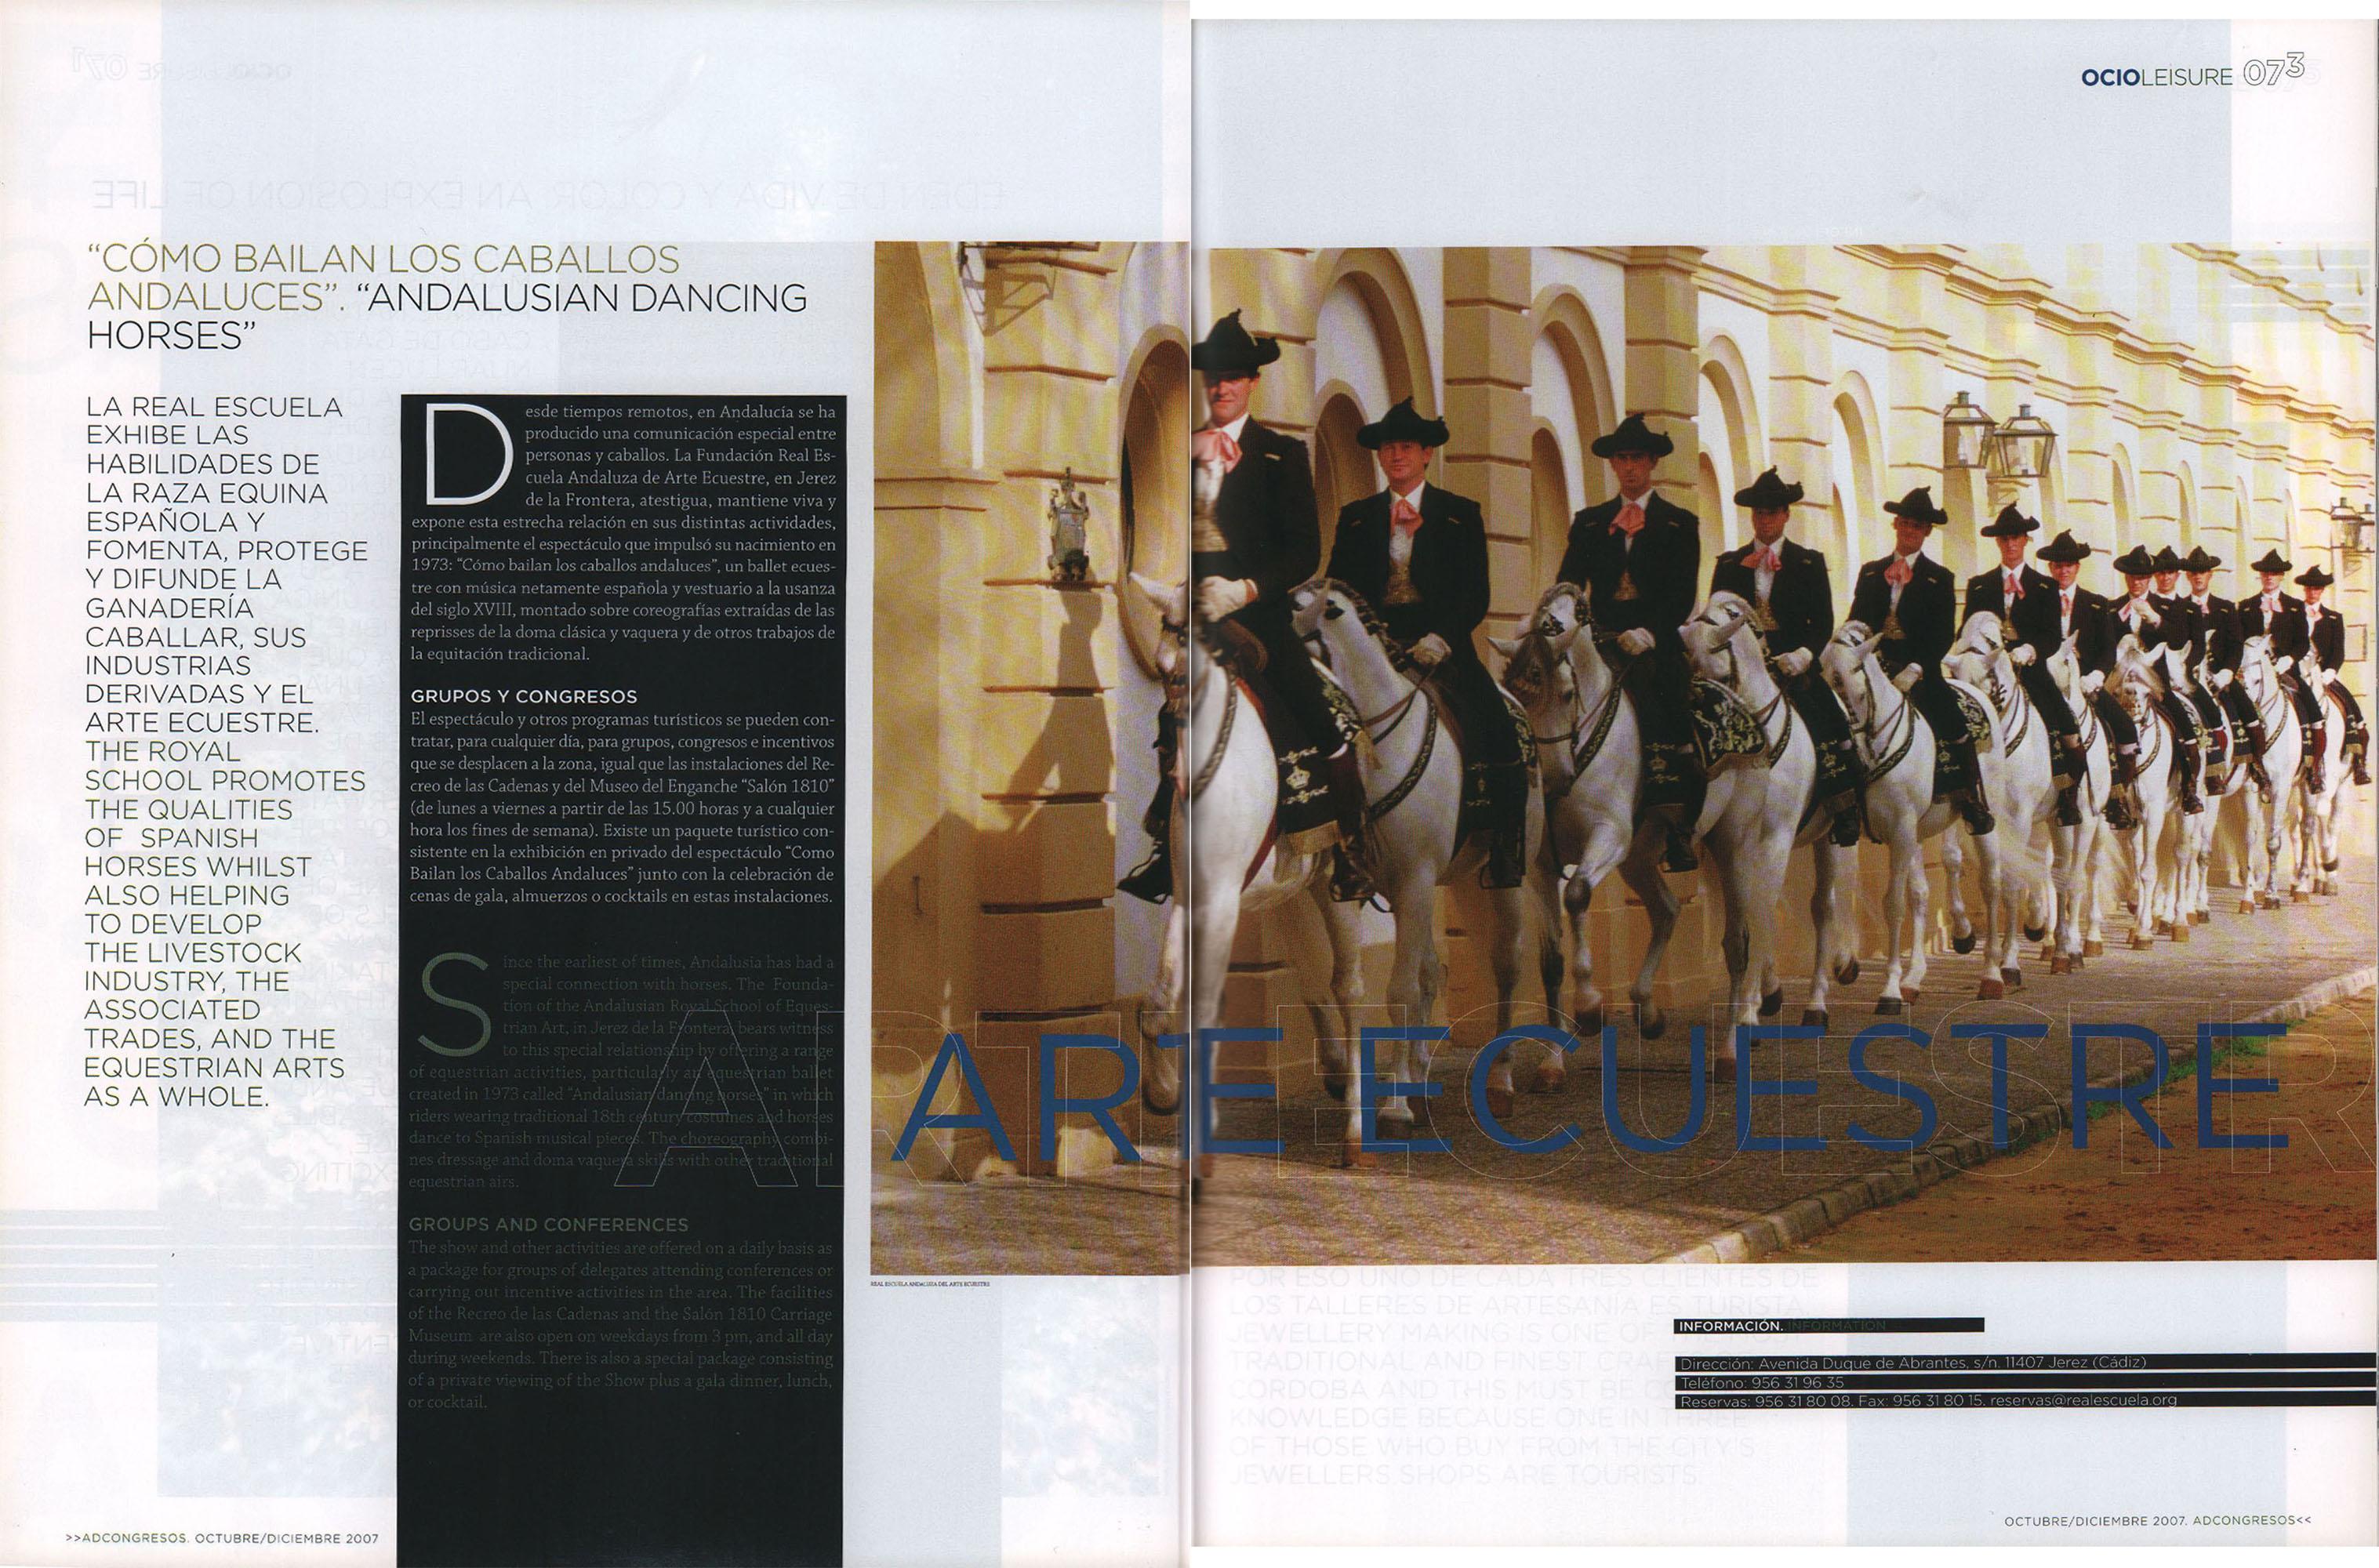 Arte ecuestre - Cómo bailan los caballos andaluces | AD Congresos | oct 2007